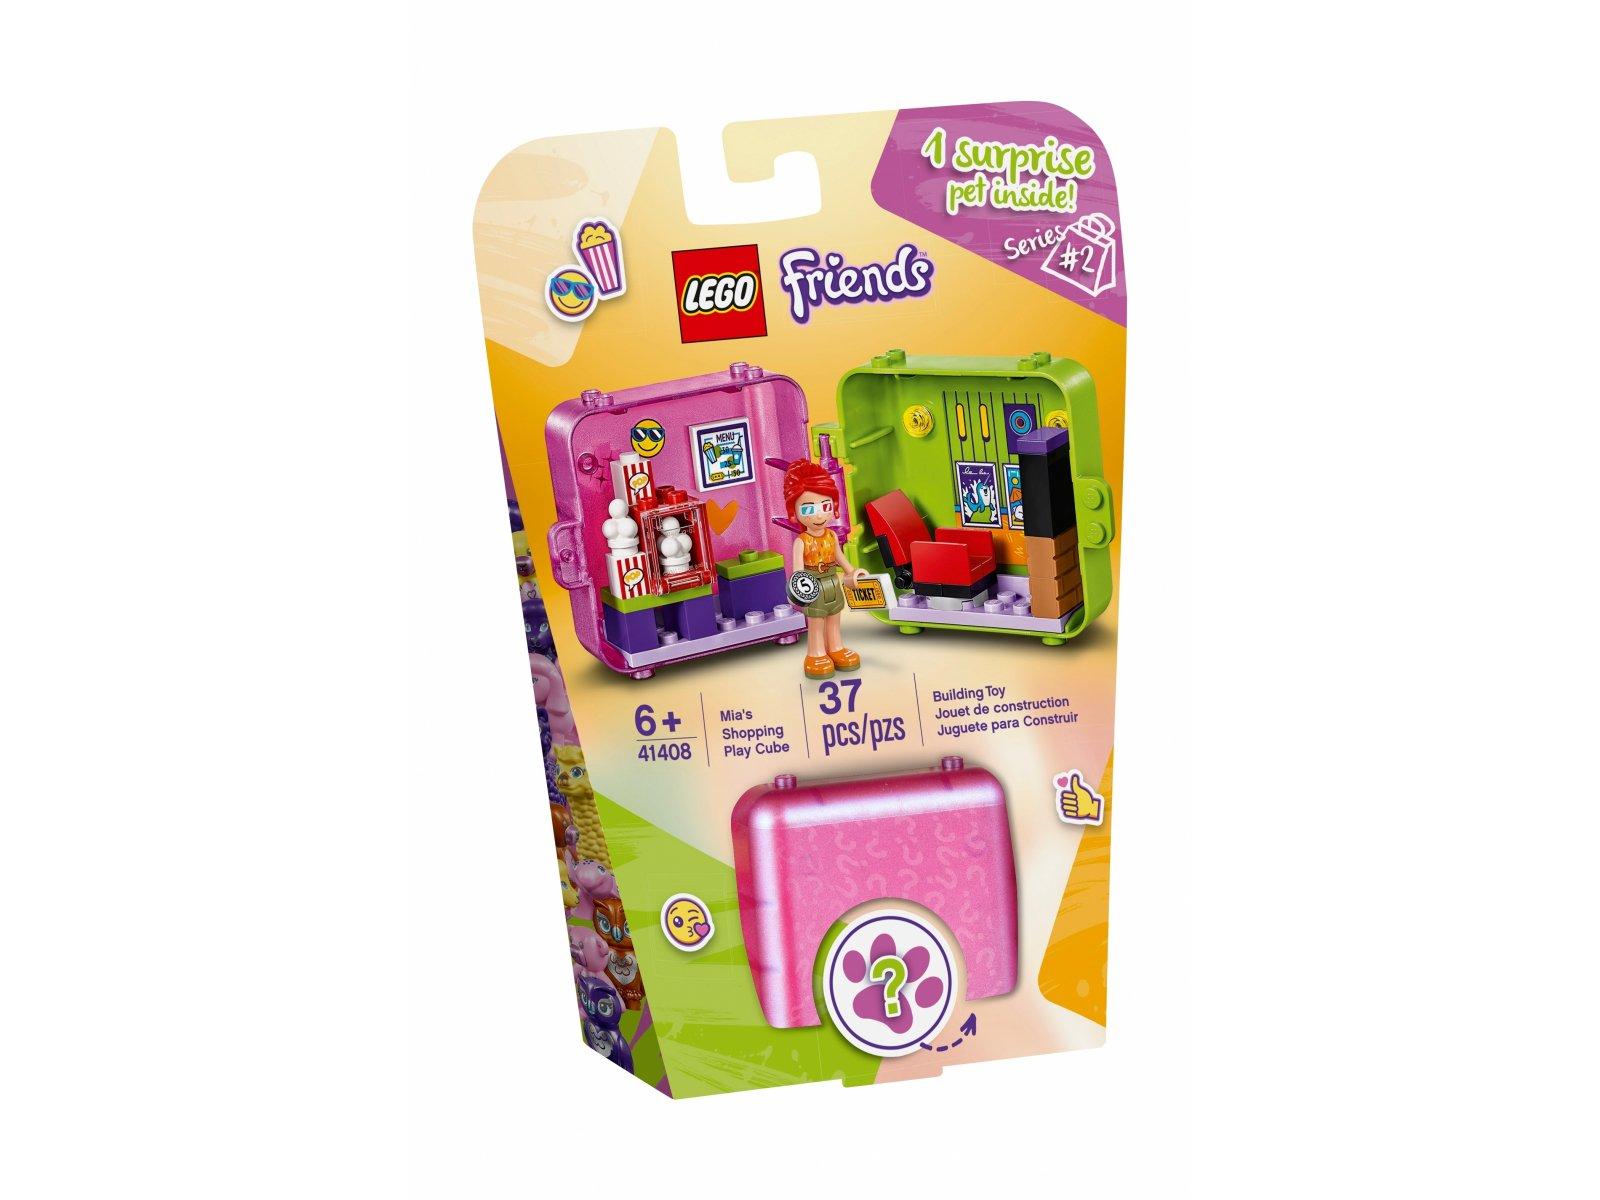 LEGO 41408 Friends Kostka Mii do zabawy w sklep